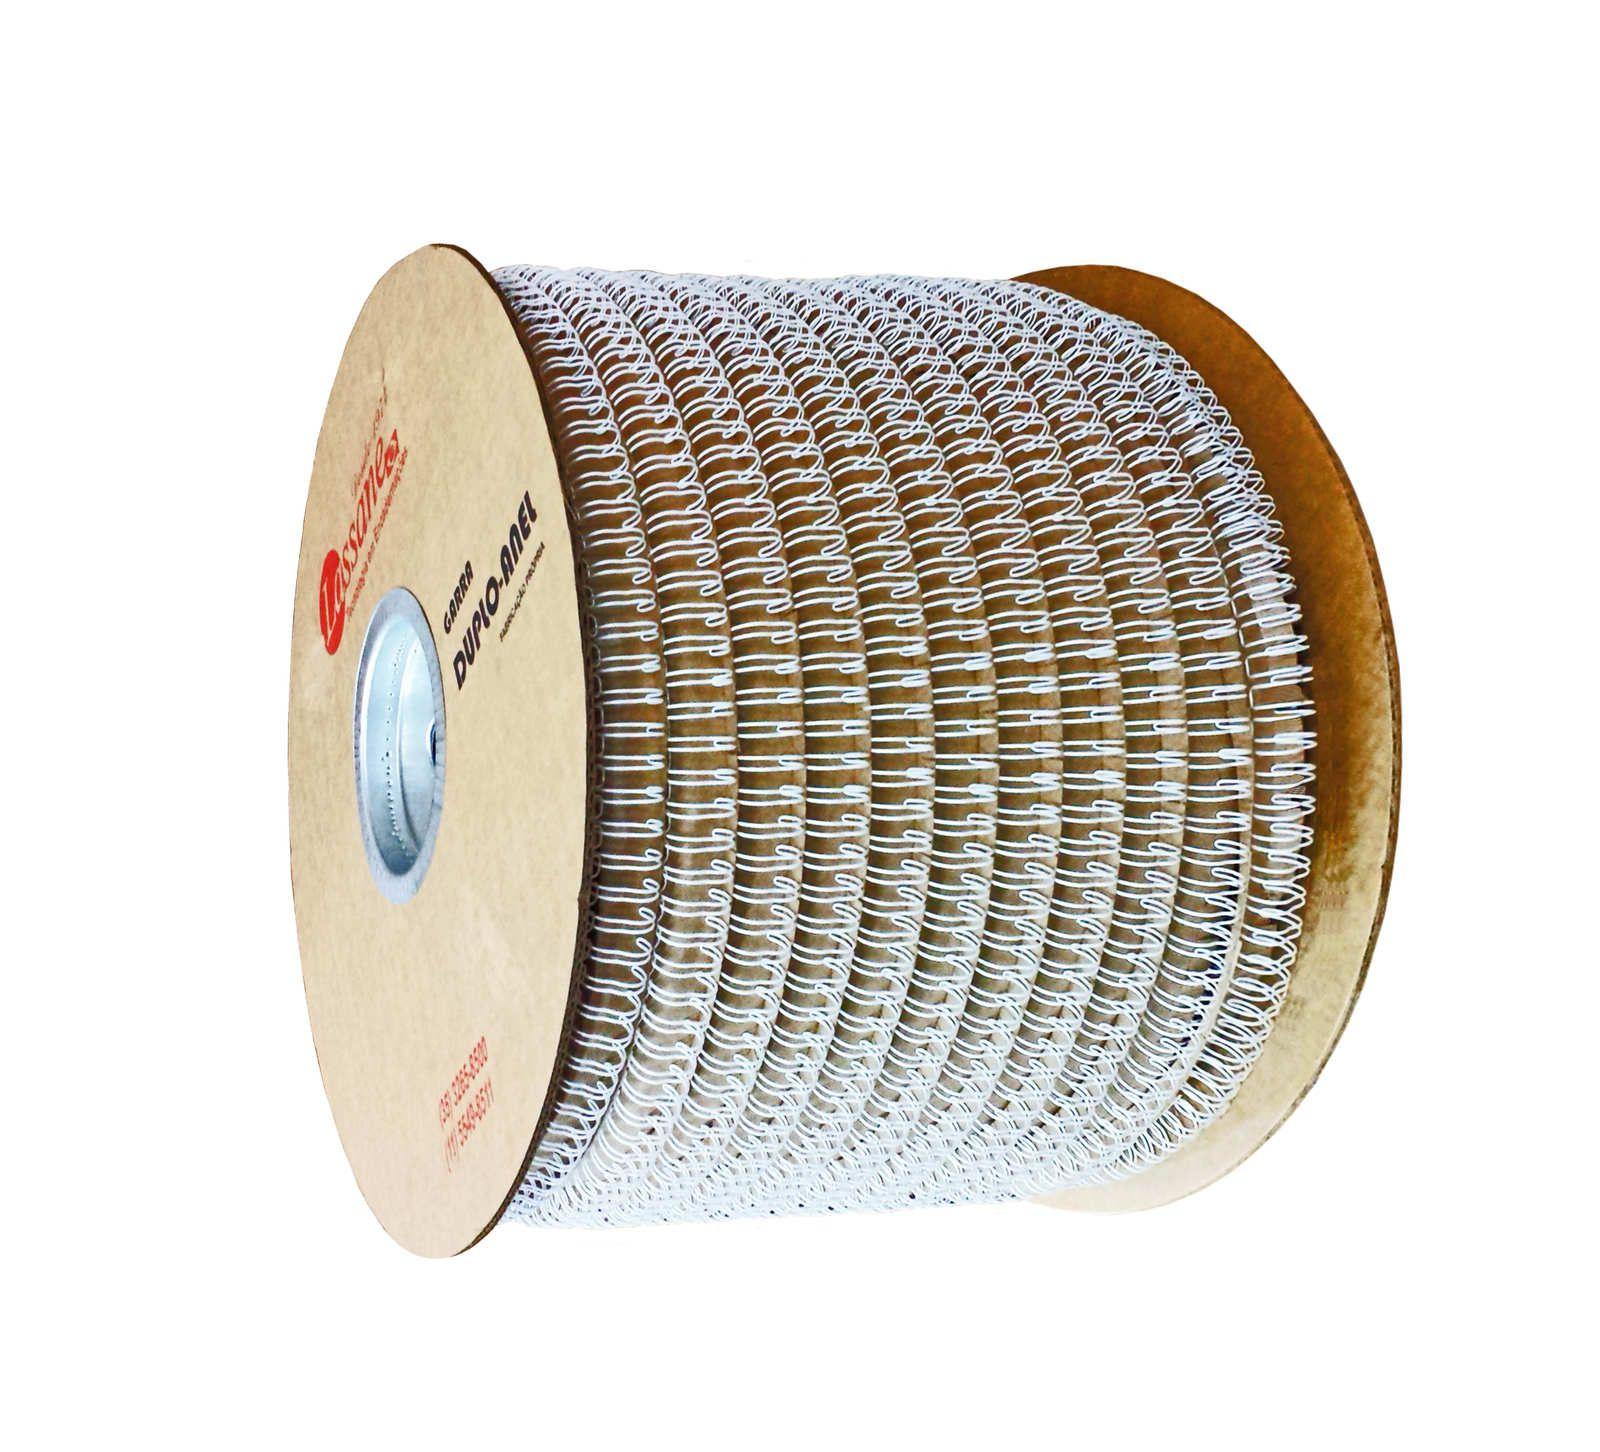 Bobina de Garras de Duplo Anel Wire-o 3x1 3/8 60 Folhas Cor Prata